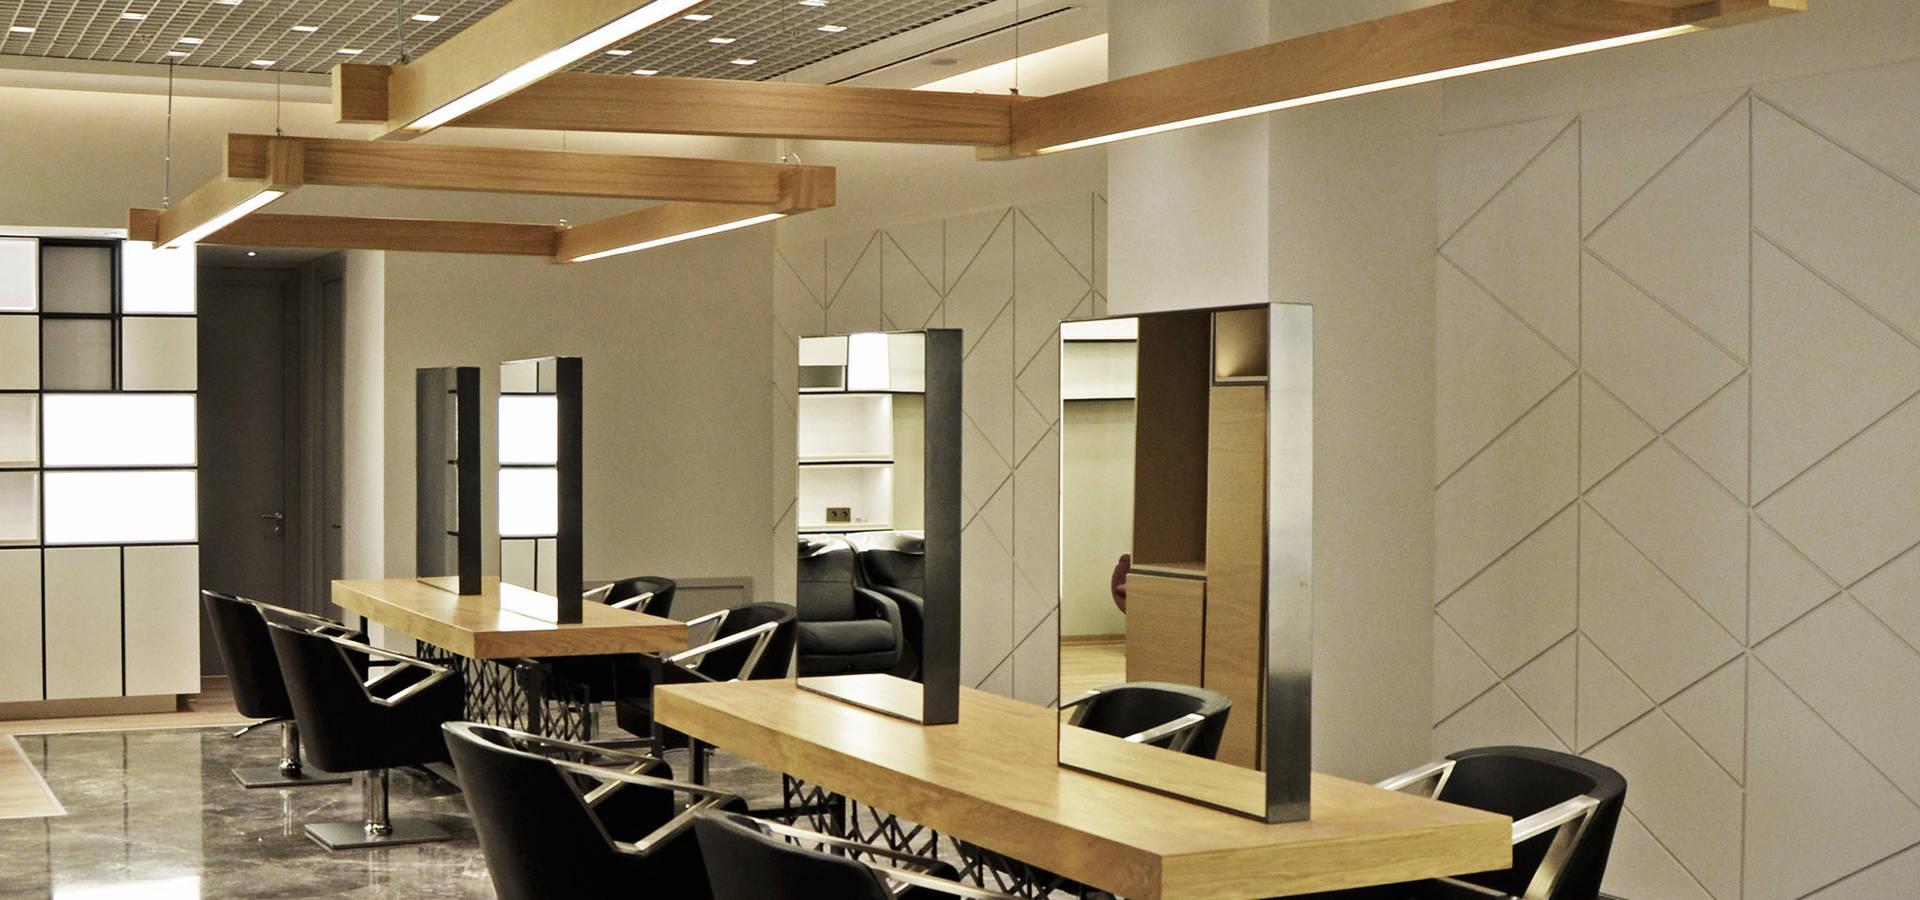 monoblok design & interiors